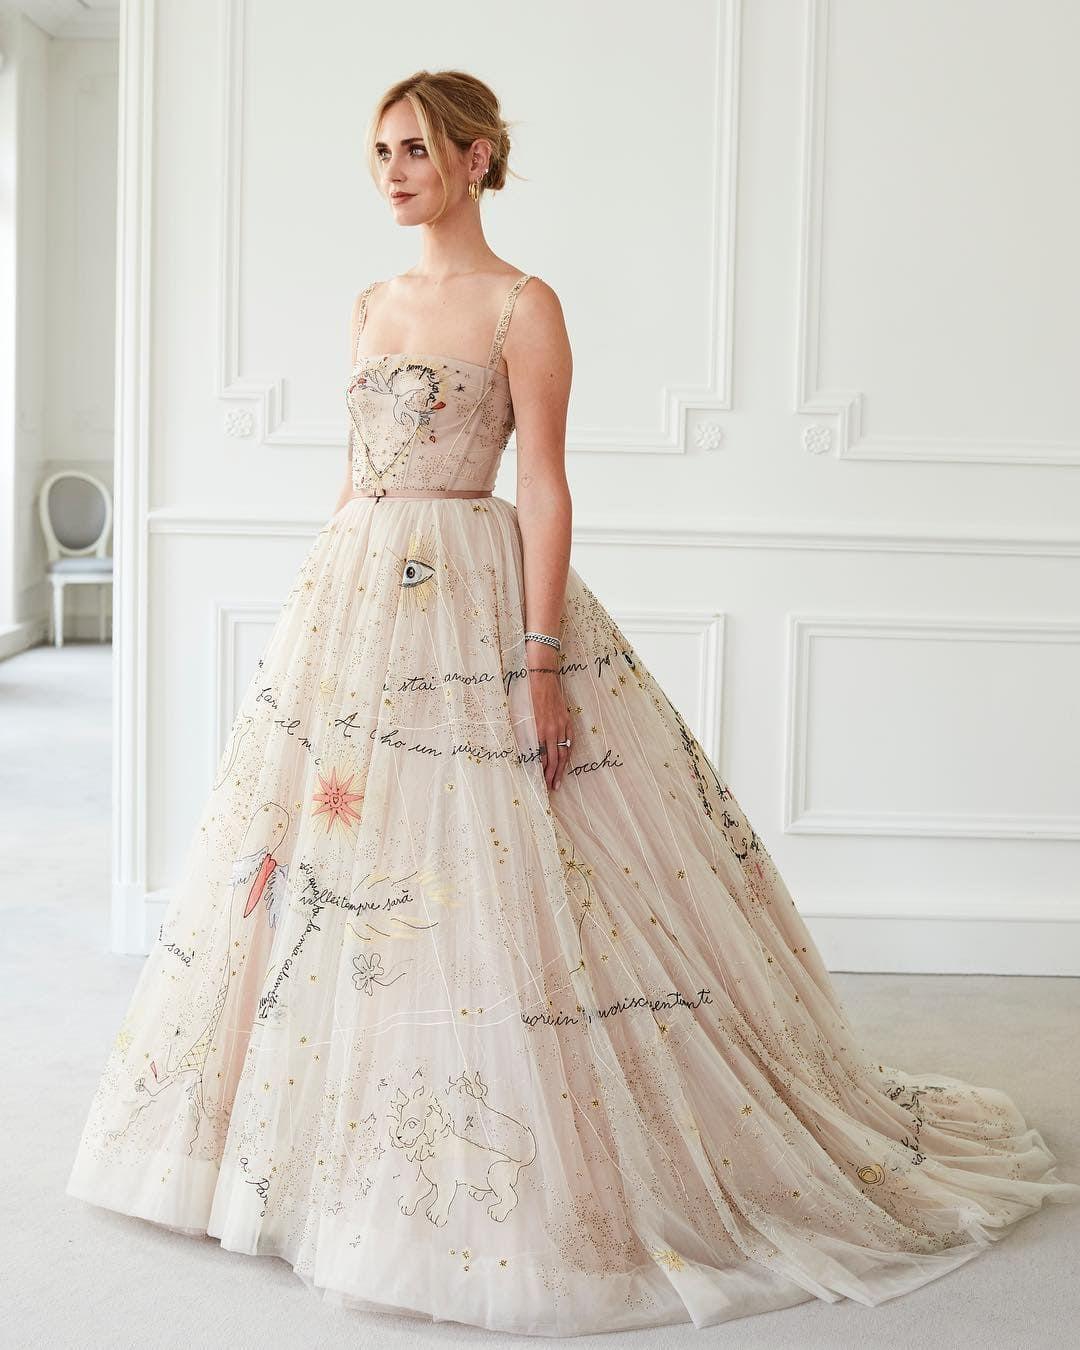 8.Chiara Ferragni - Courtesy of Dior